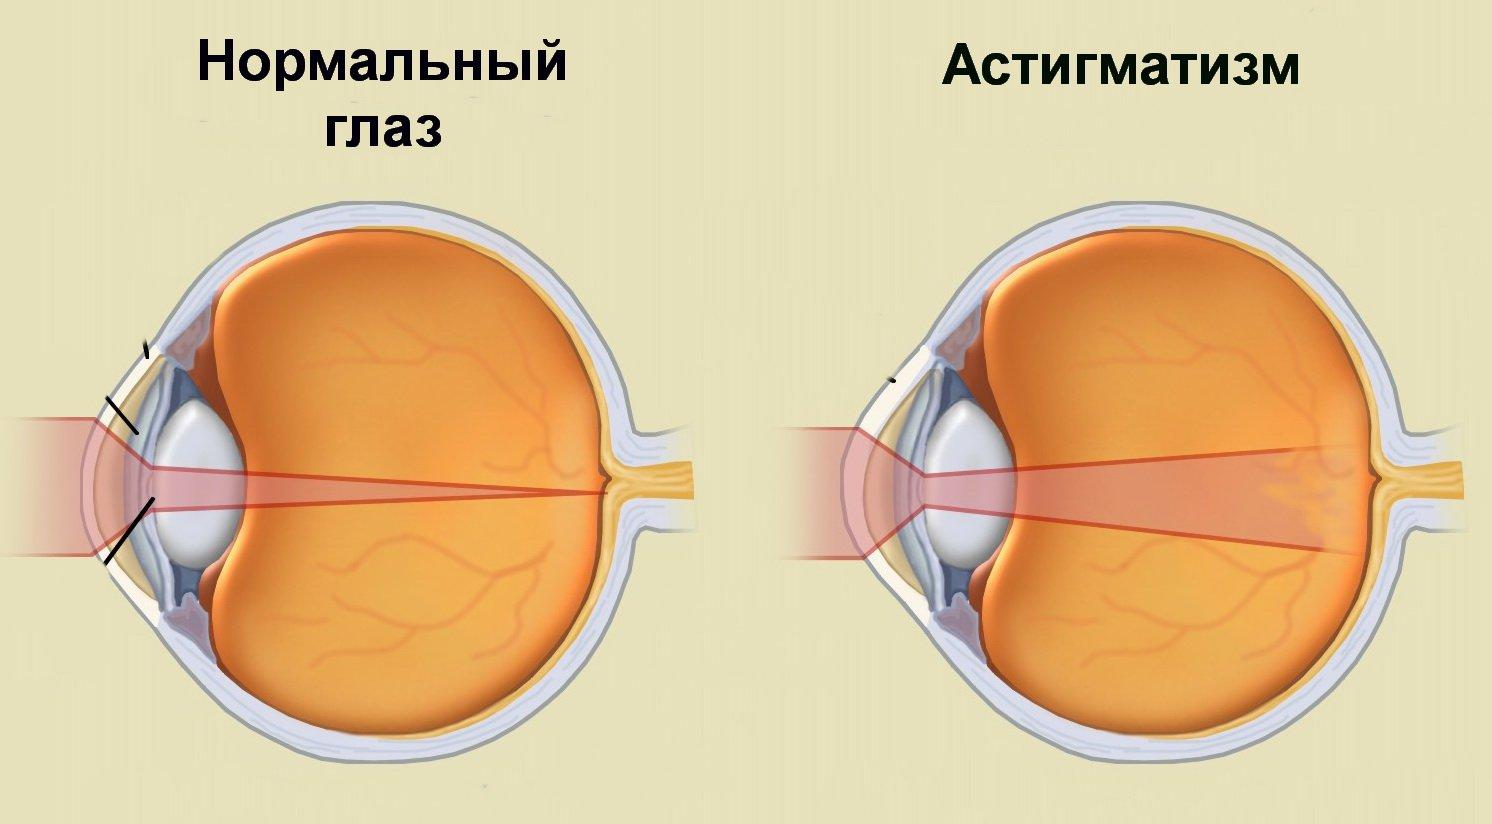 megnyomja a szemet; a látás romlik